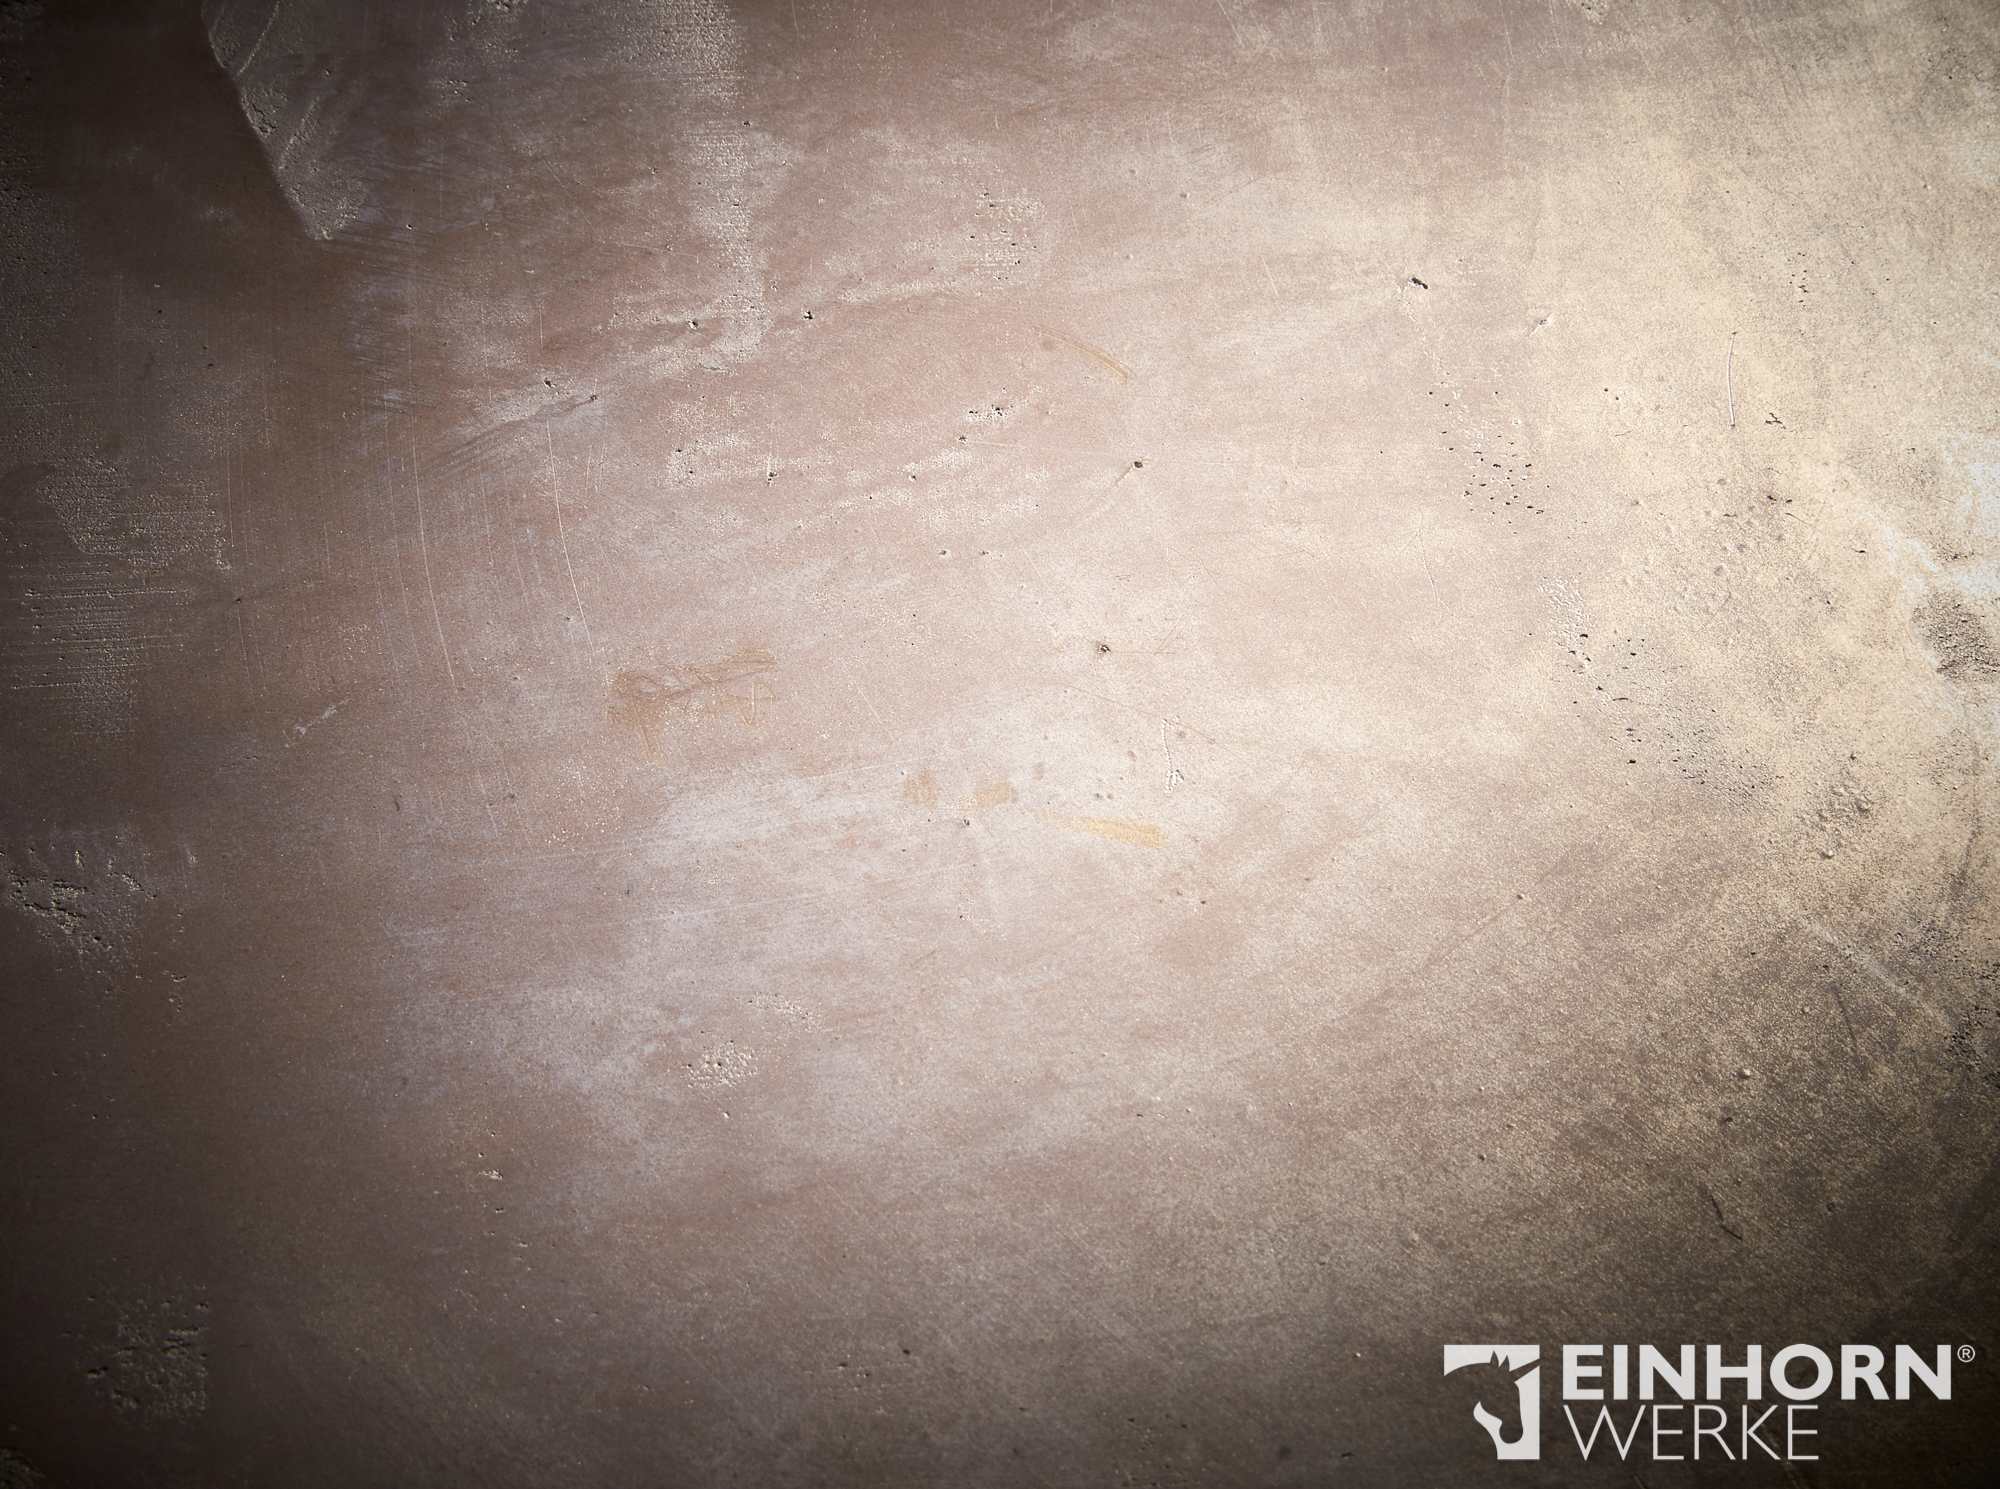 STUCCORINO 2304 + STUCCORINO Effect - Weißgold - EINHORN WERKE ®  Hersteller exklusiver Wandgestaltungen